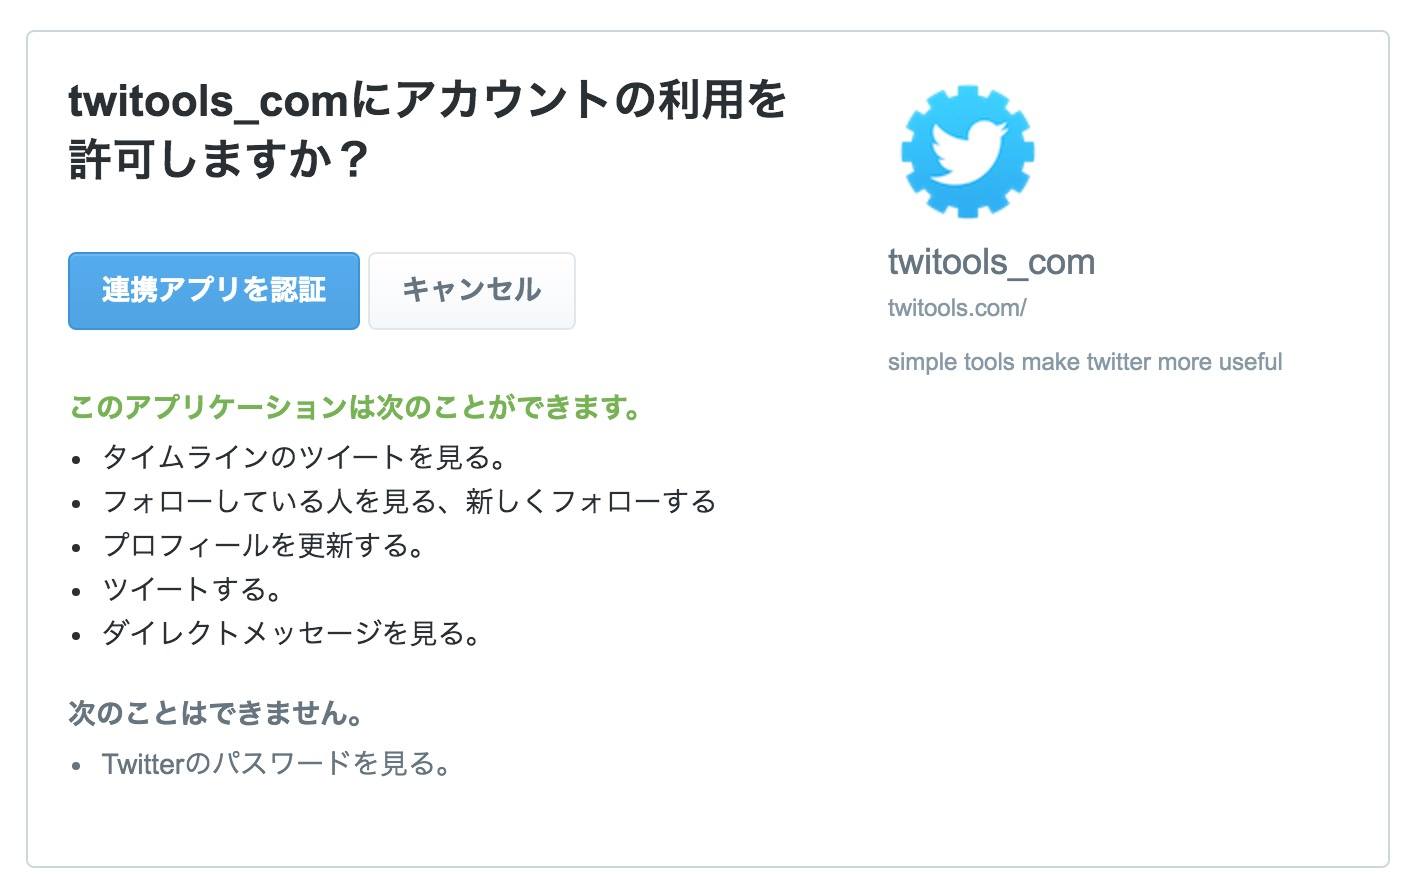 スクリーンショット 2016-03-26 14.47.57